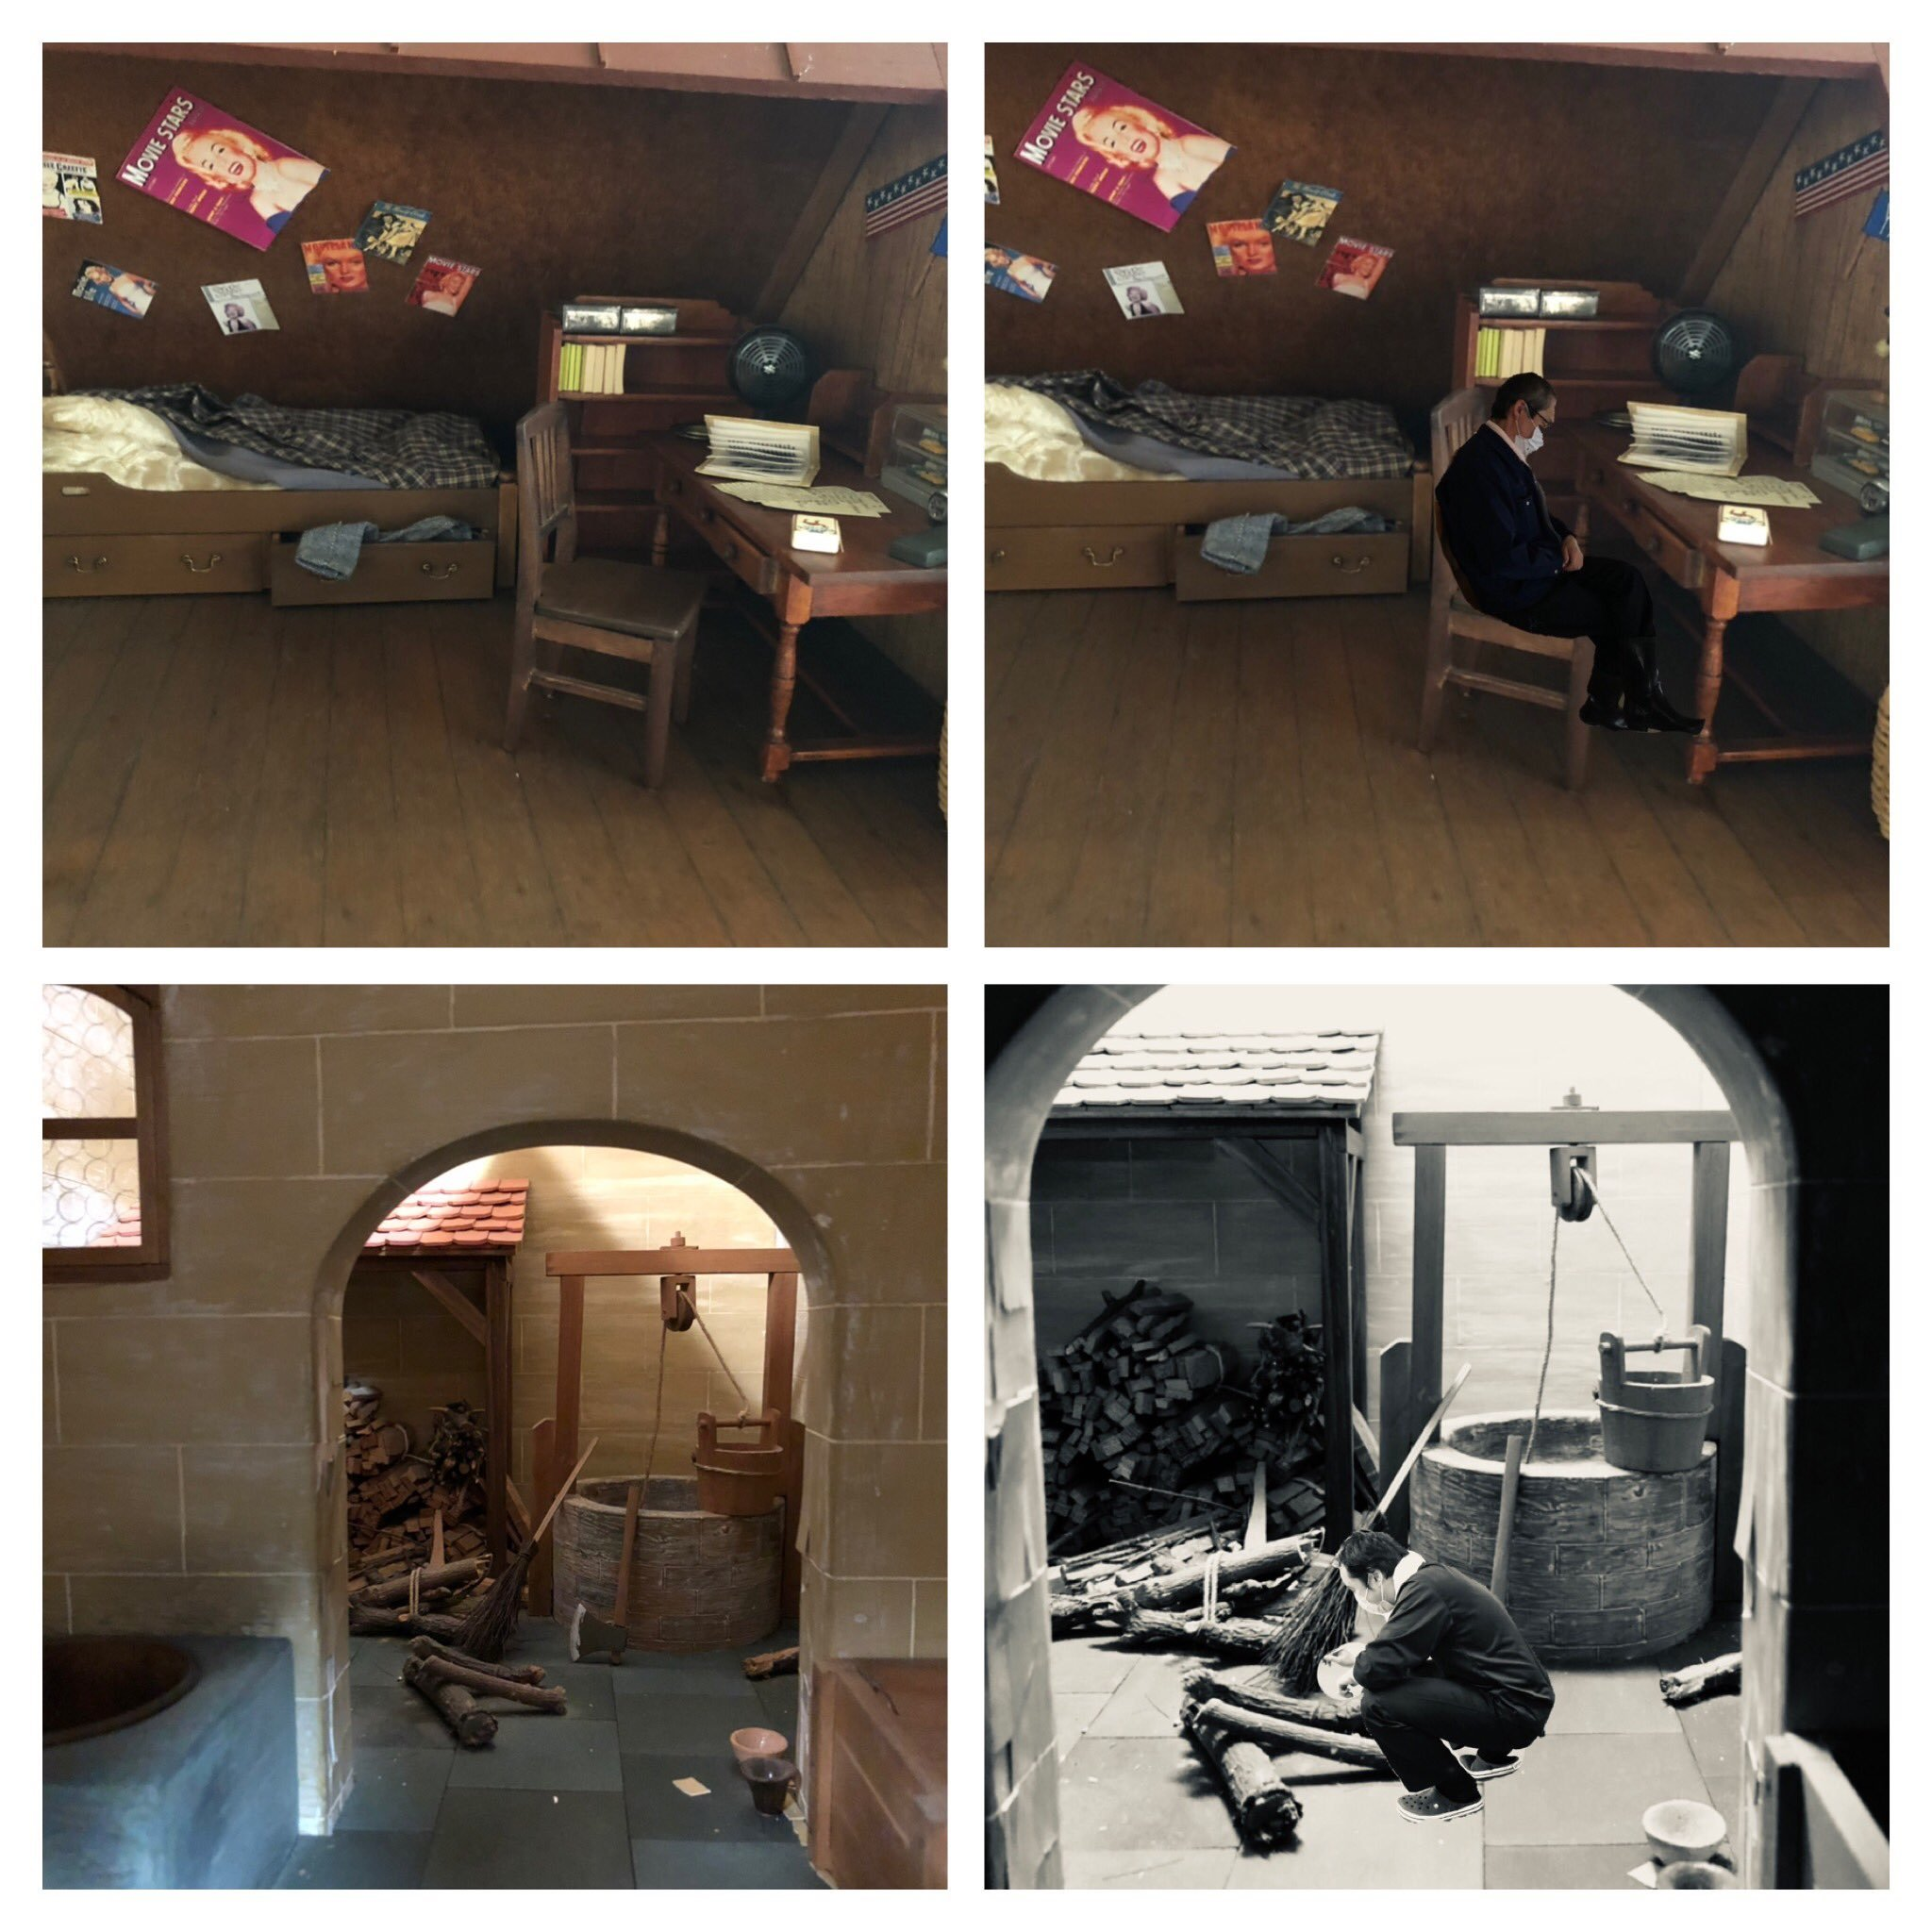 礒貝吉紀ドールハウスの魅力~小さな窓から大きな世界を~展開催 2月19日より4月20日まで_f0168873_10255538.jpg